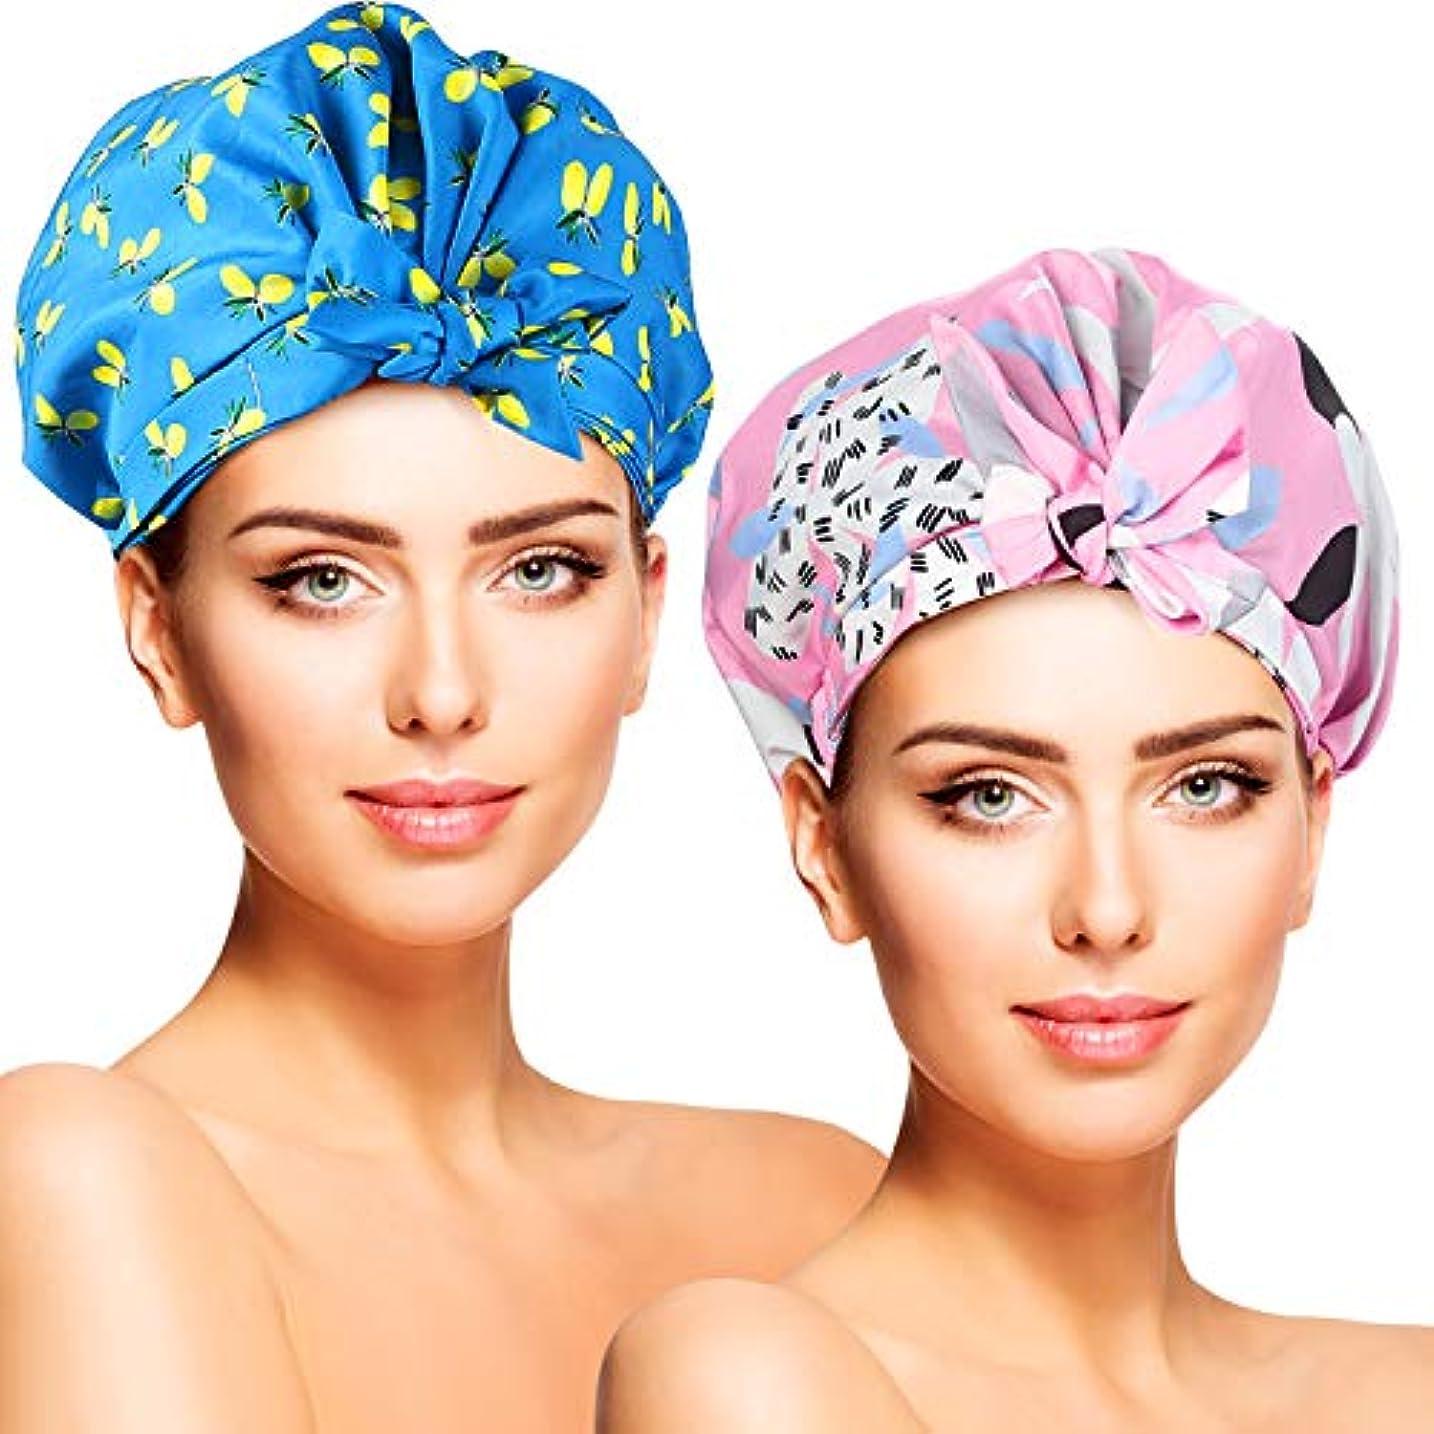 すき飢え水銀のYISUN シャワーキャップ 2枚セット 二重層防水 耐久性 抗菌性 お風呂 シャワー SPA 調理 洗顔用 多機能 実用性 男女兼用